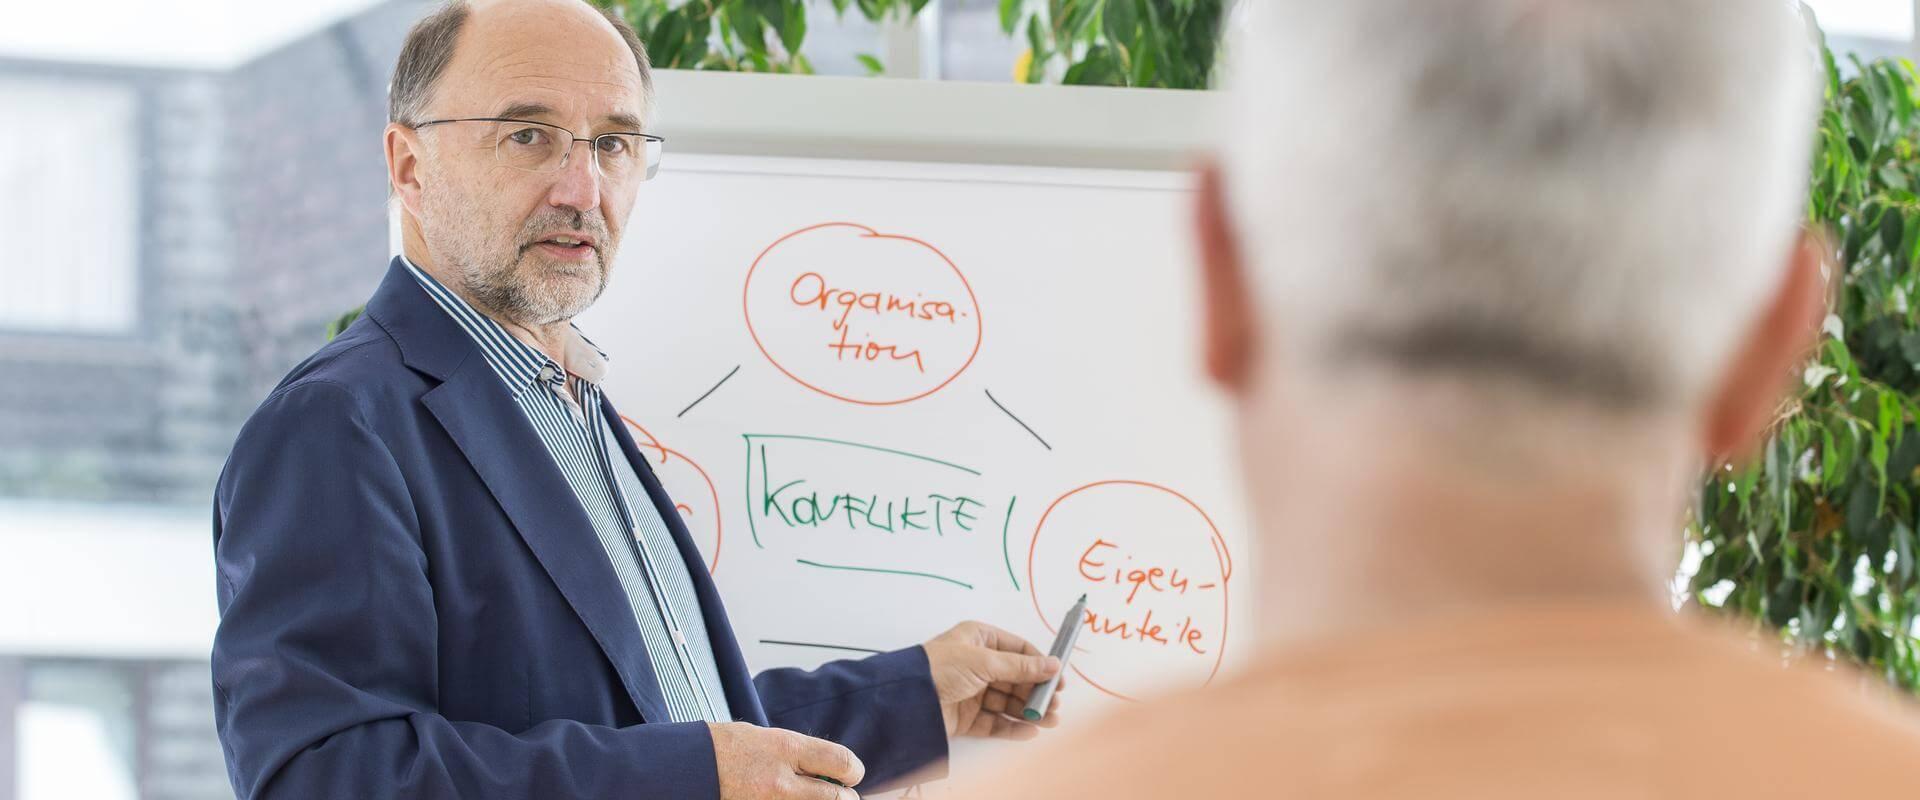 Mann hält einen Vortrag in der MEDIAN Klinik Berus - Fachkrankenhaus